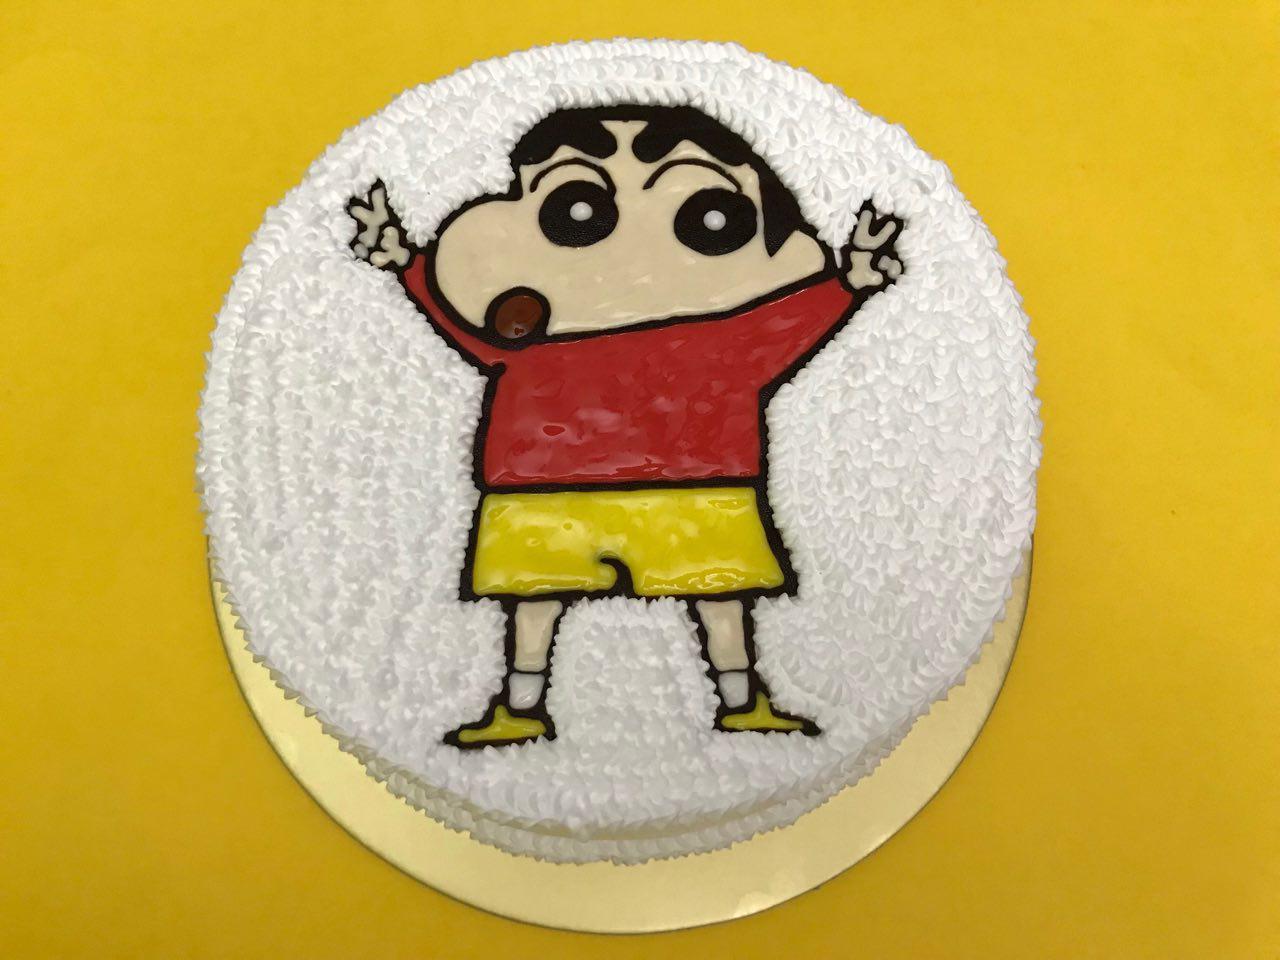 Crayon Shinchan Cake